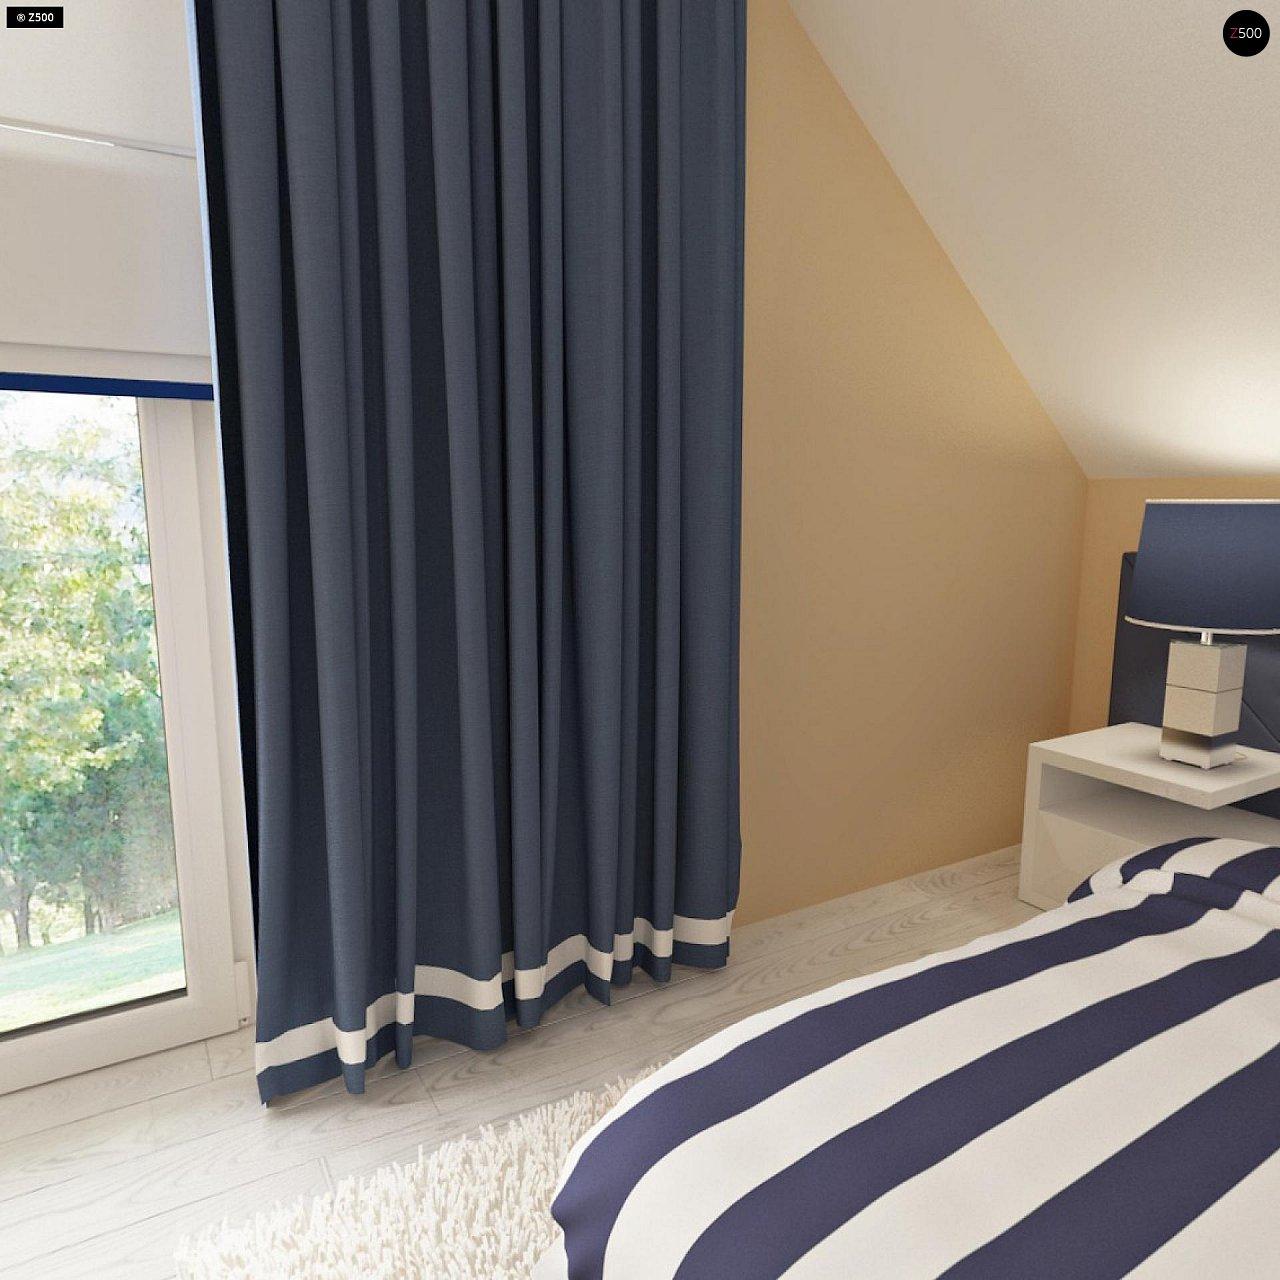 Дом с мансардным этажом, адаптированный для сейсмоопасных регионов. 14